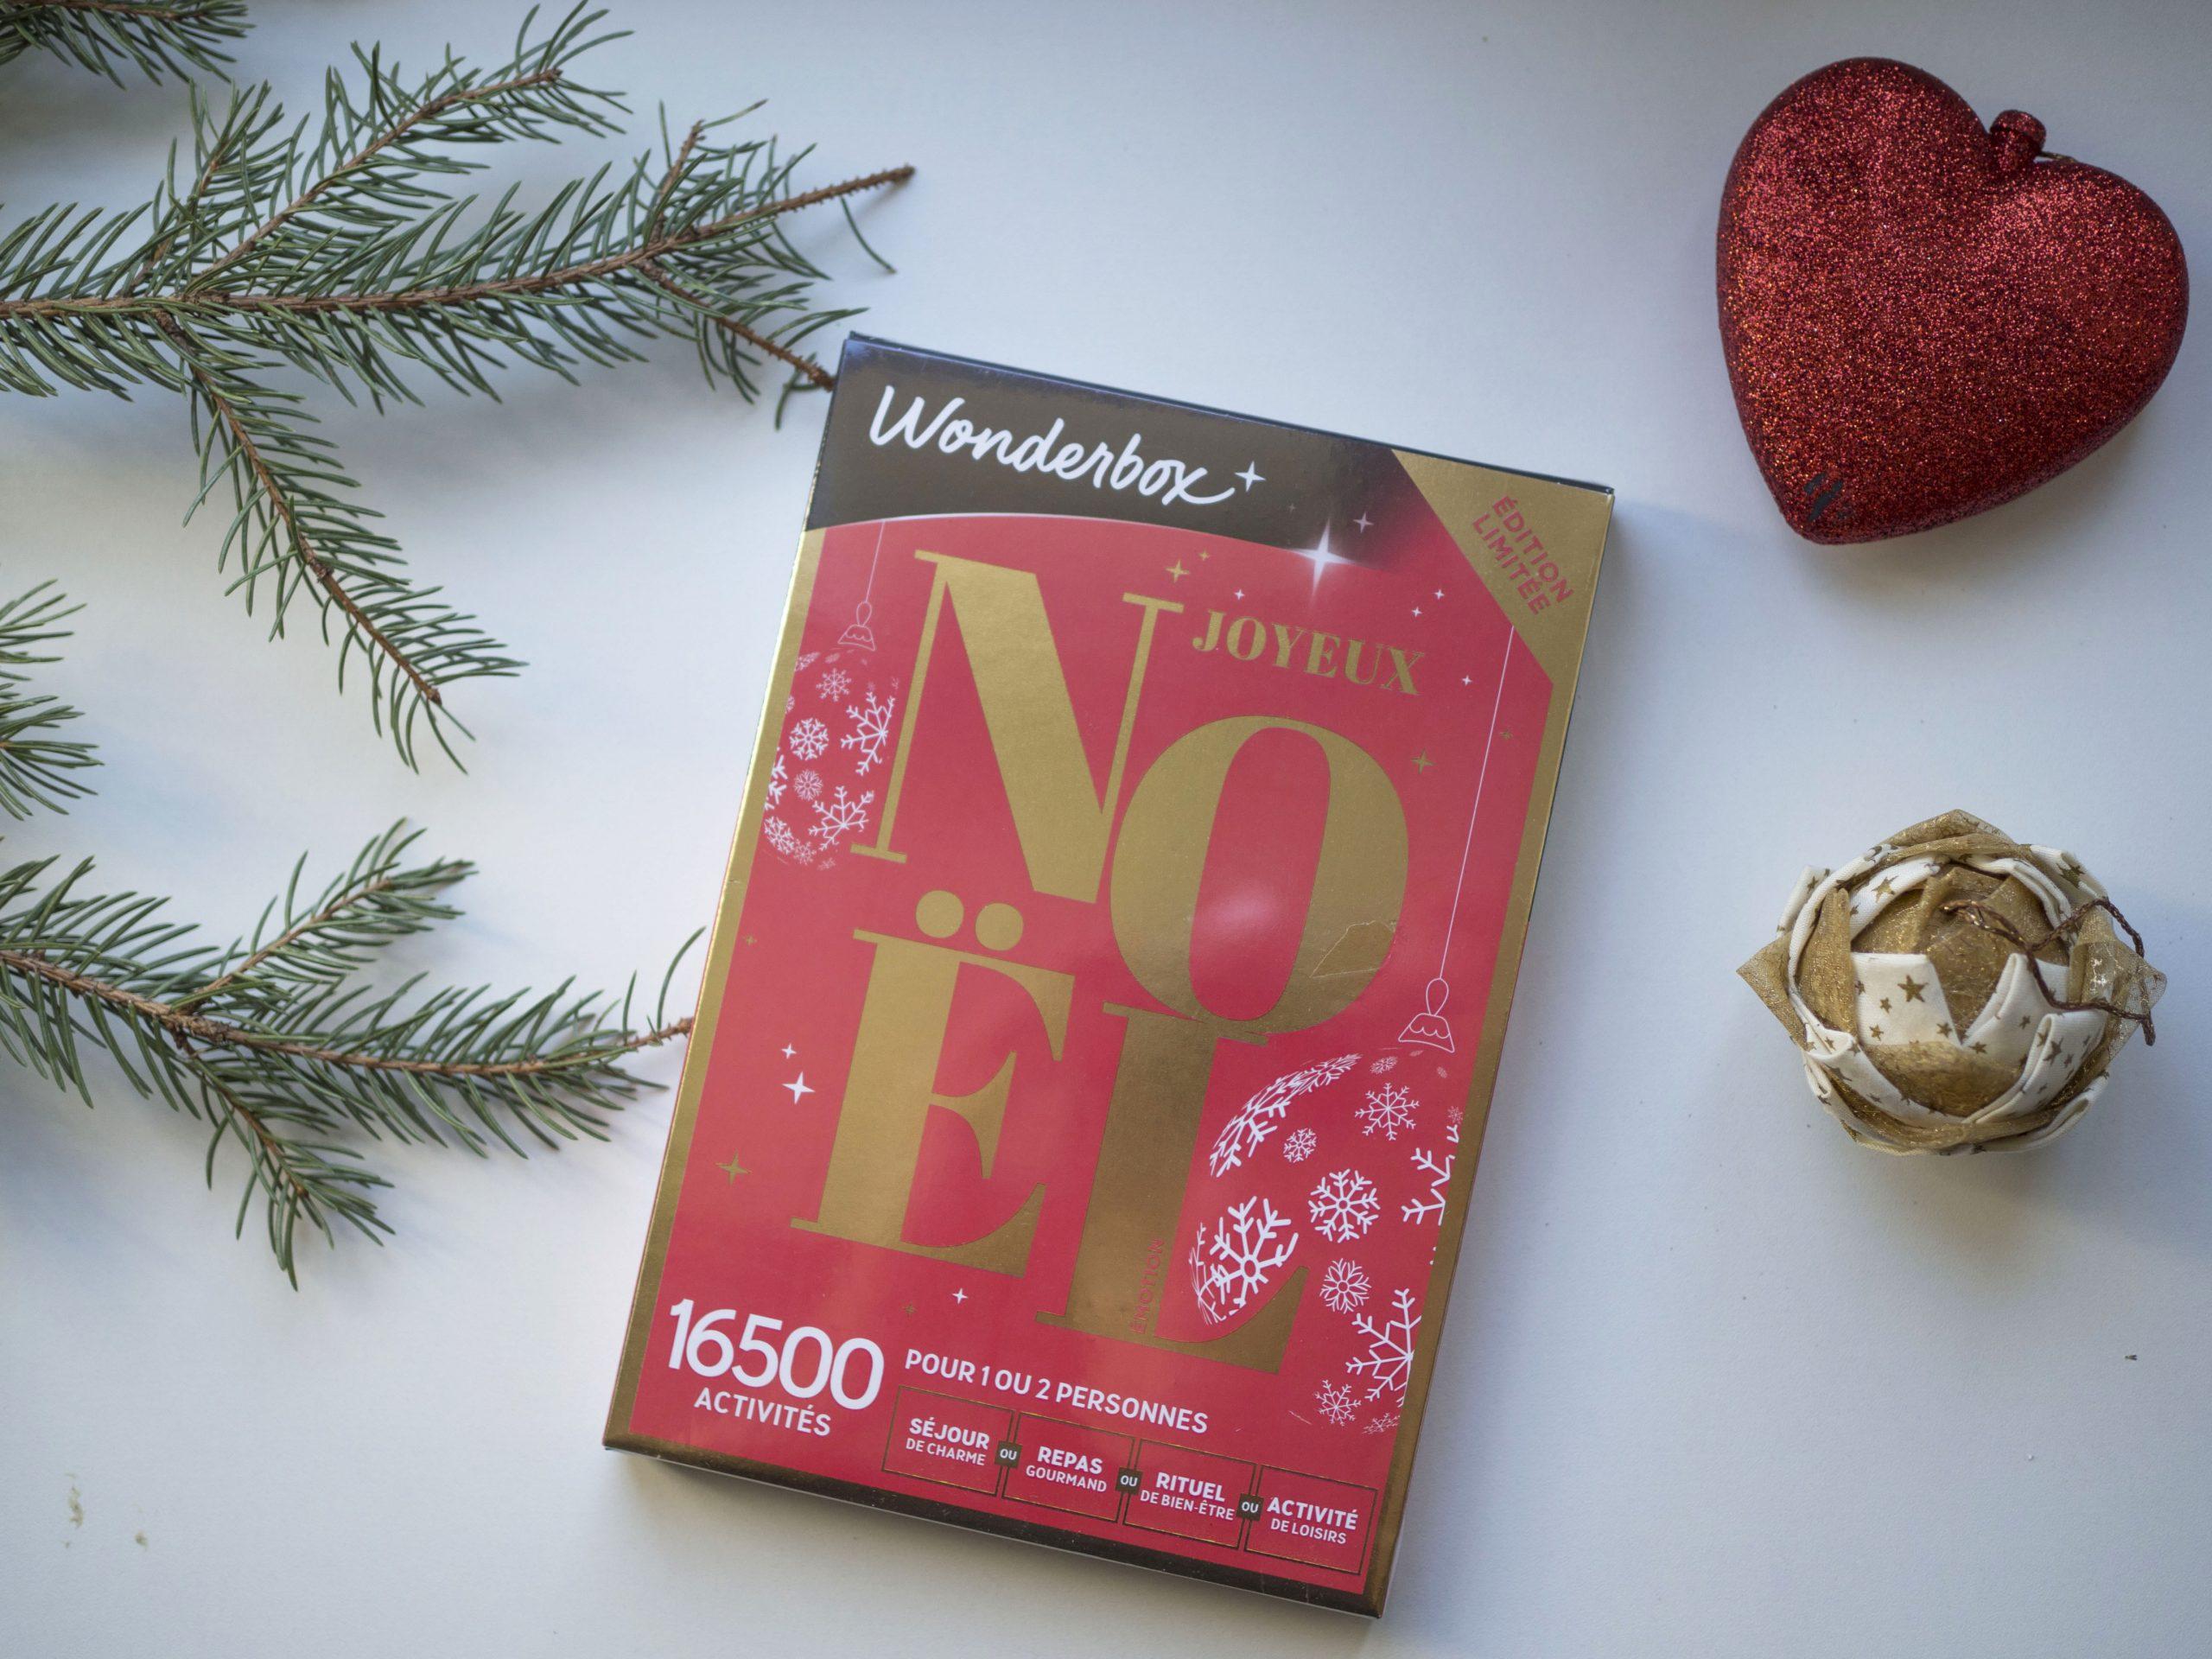 wonderbox joyeux noel edition limitée